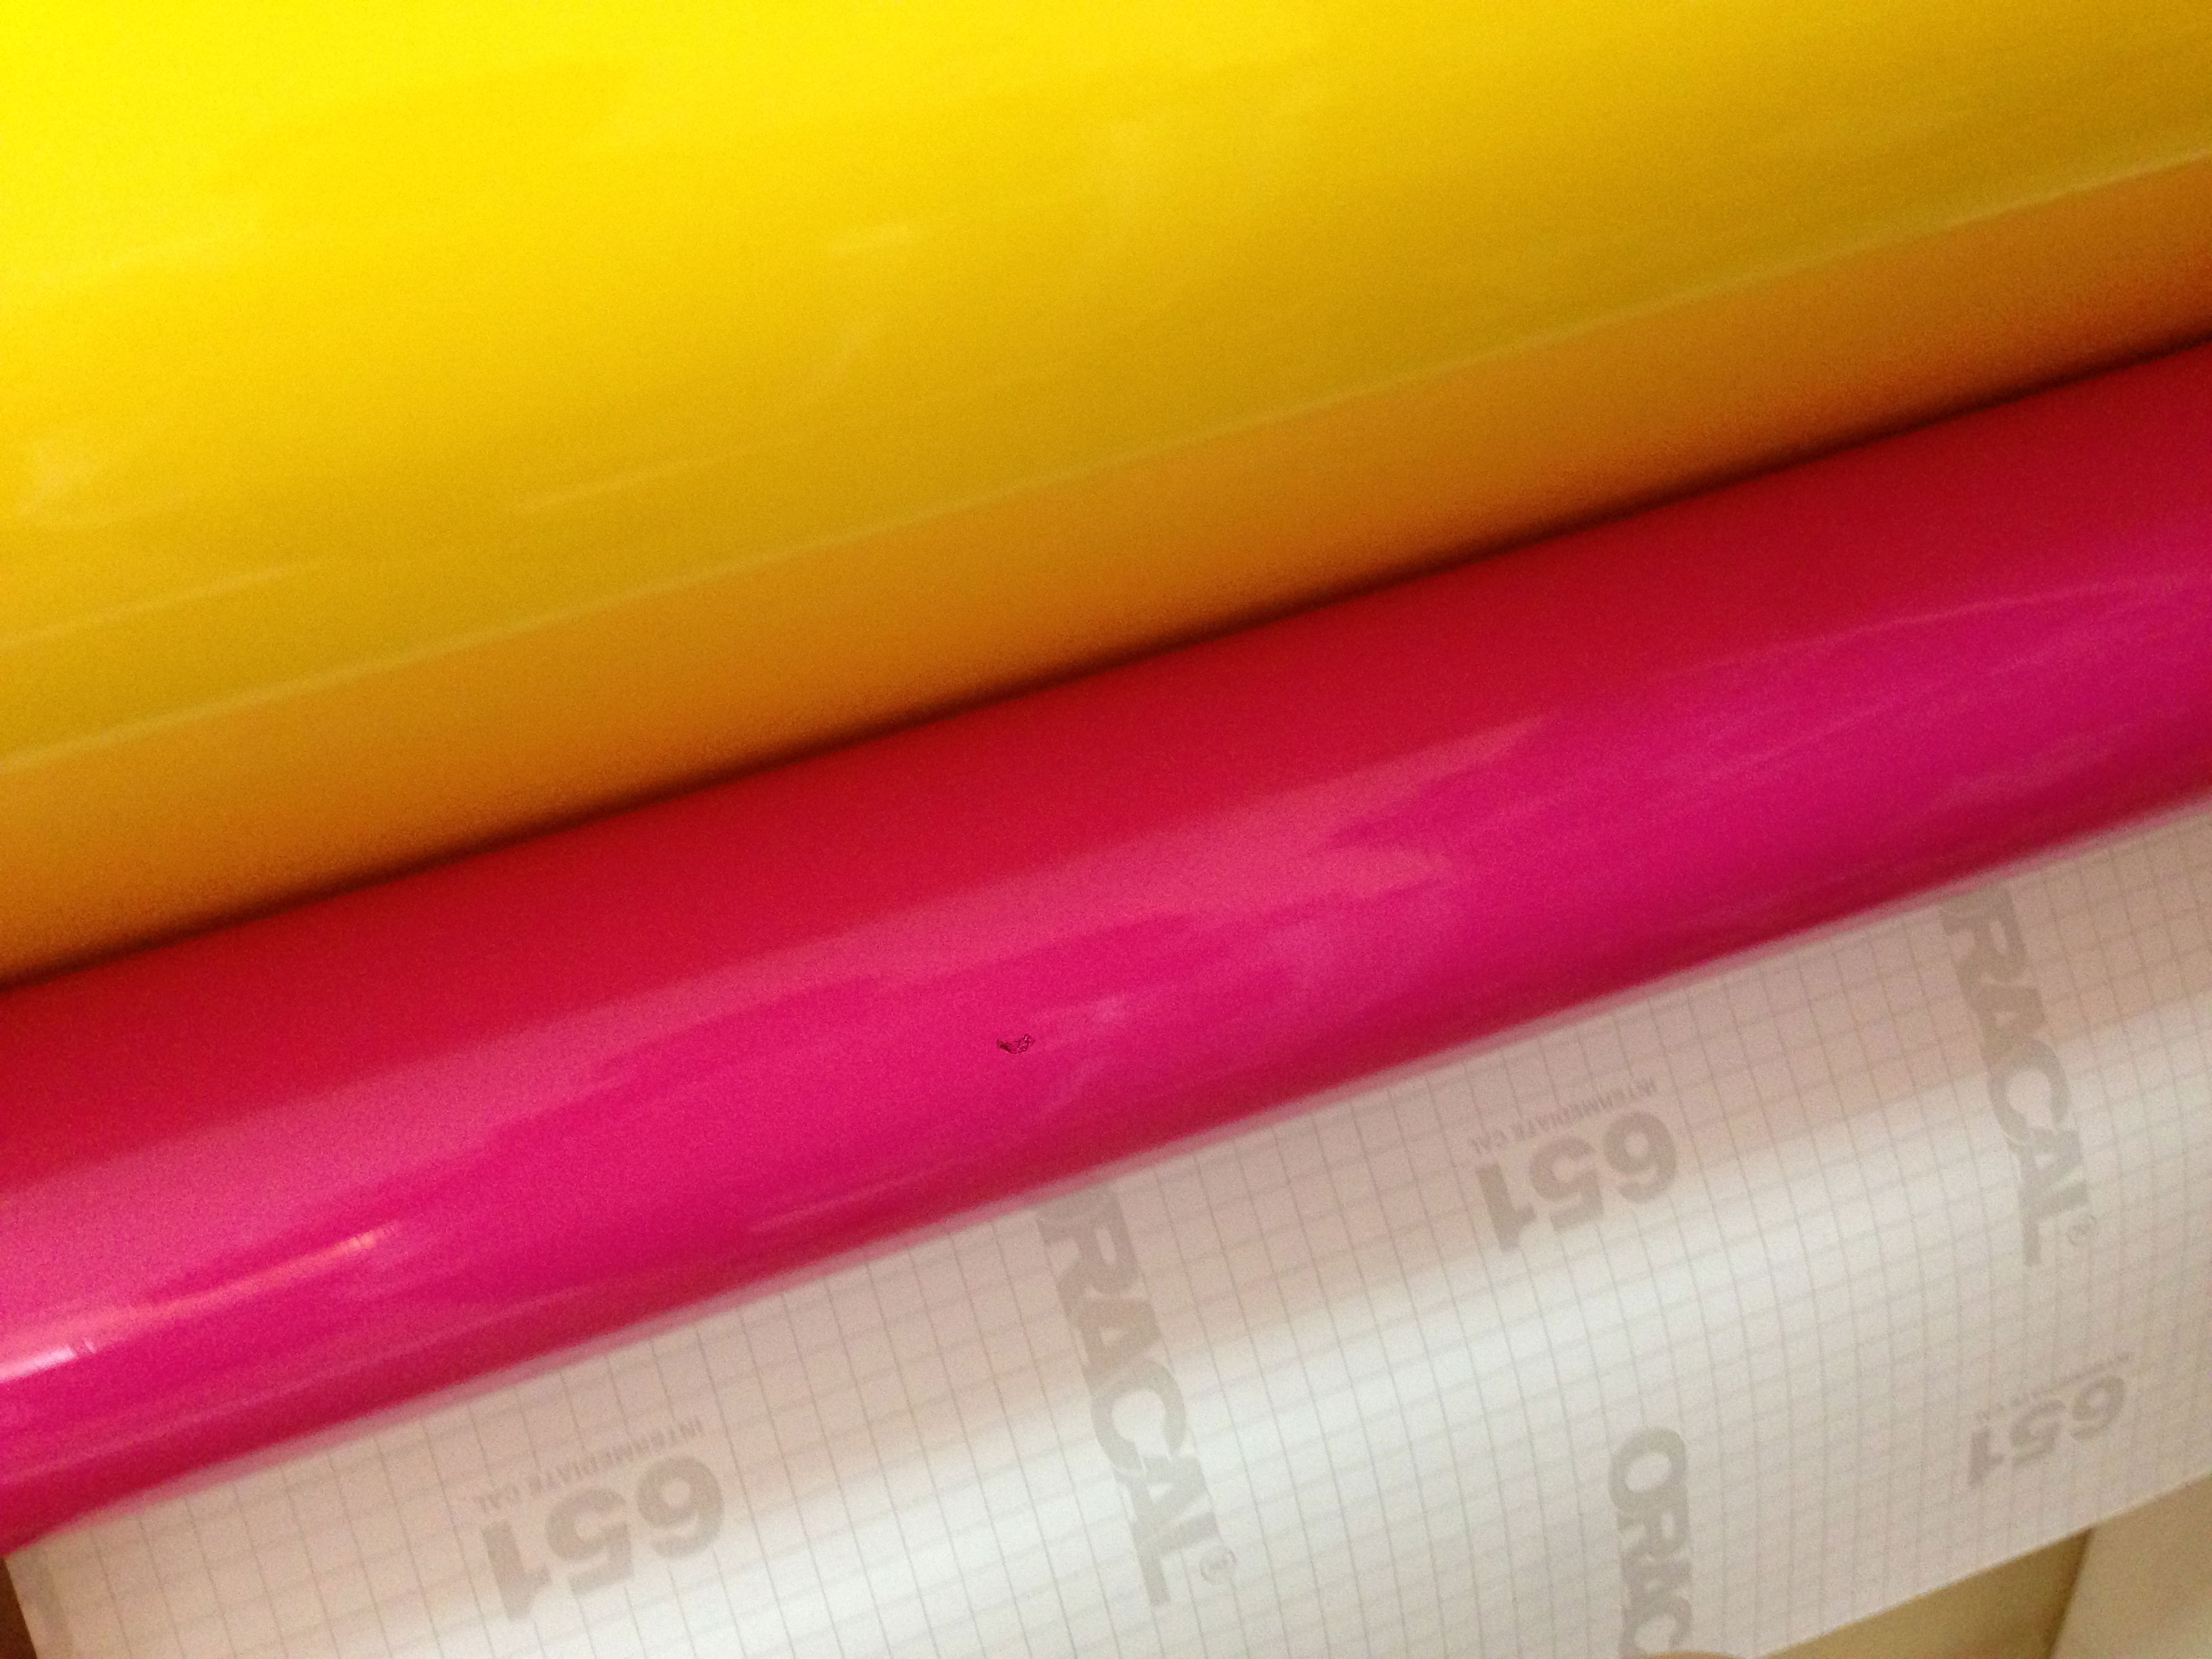 vinilos adhesivos, vinilos impresos